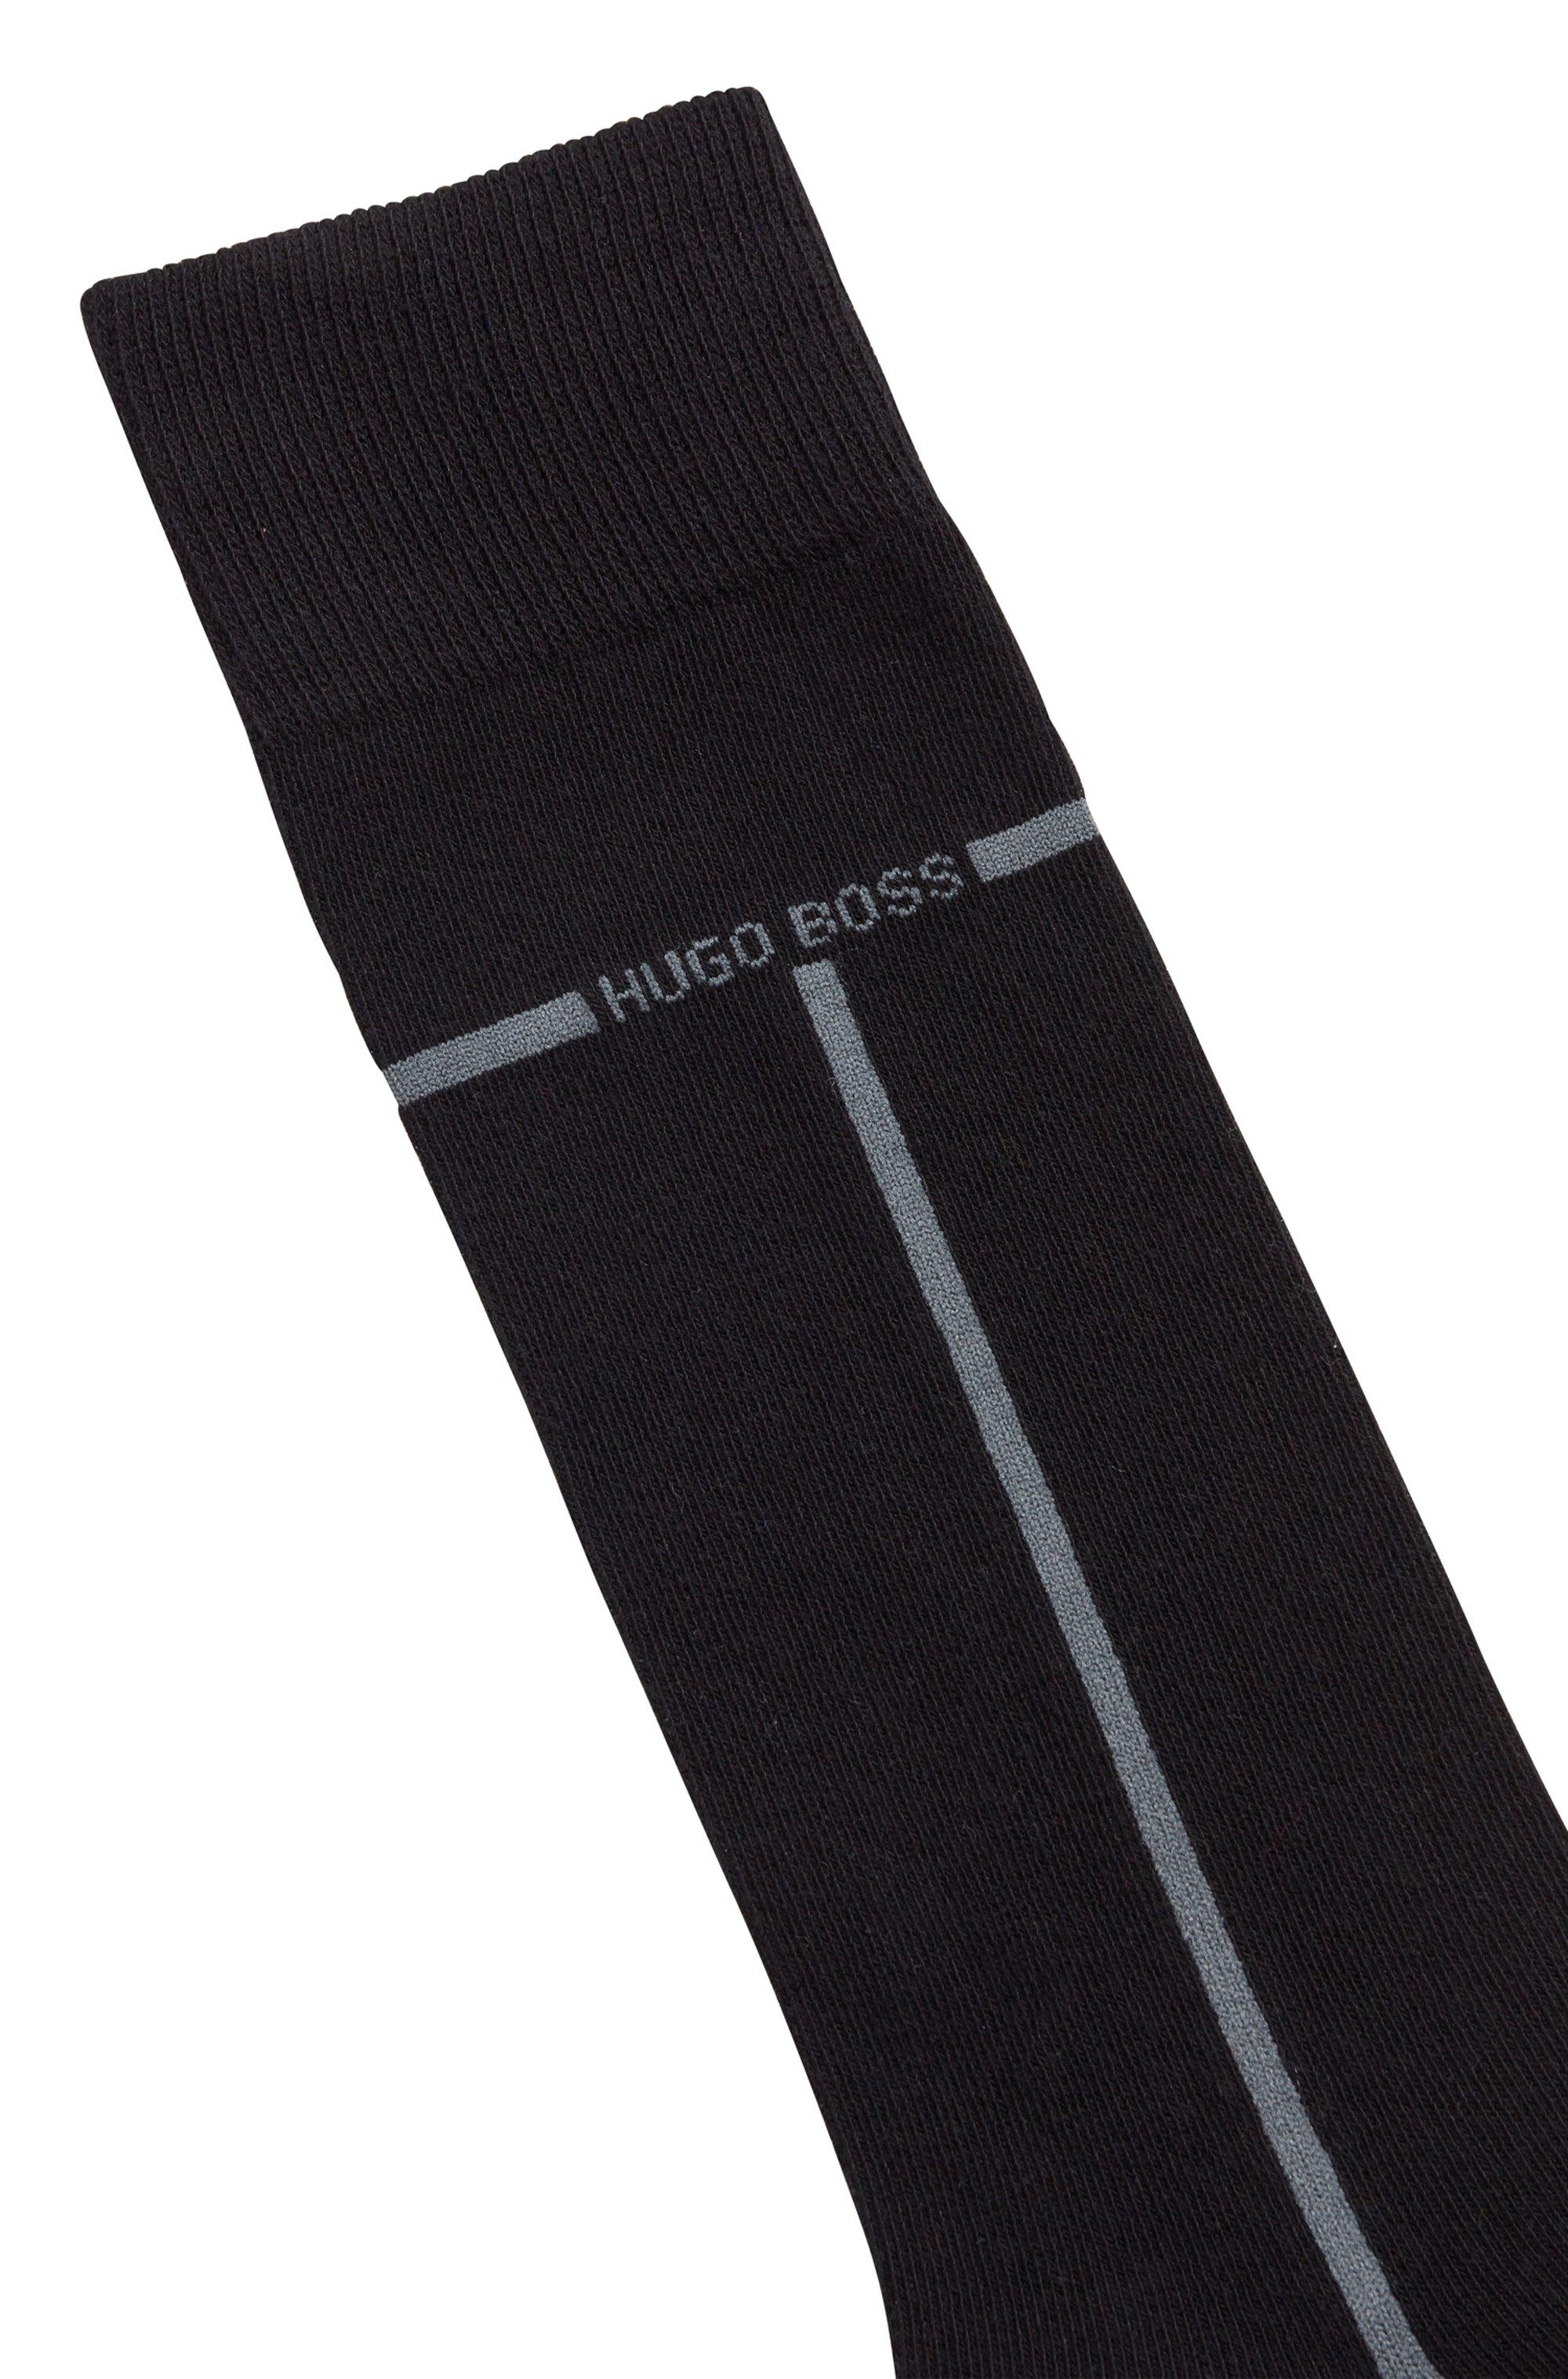 Set van twee paar sokken van een katoenmix in standaardlengte